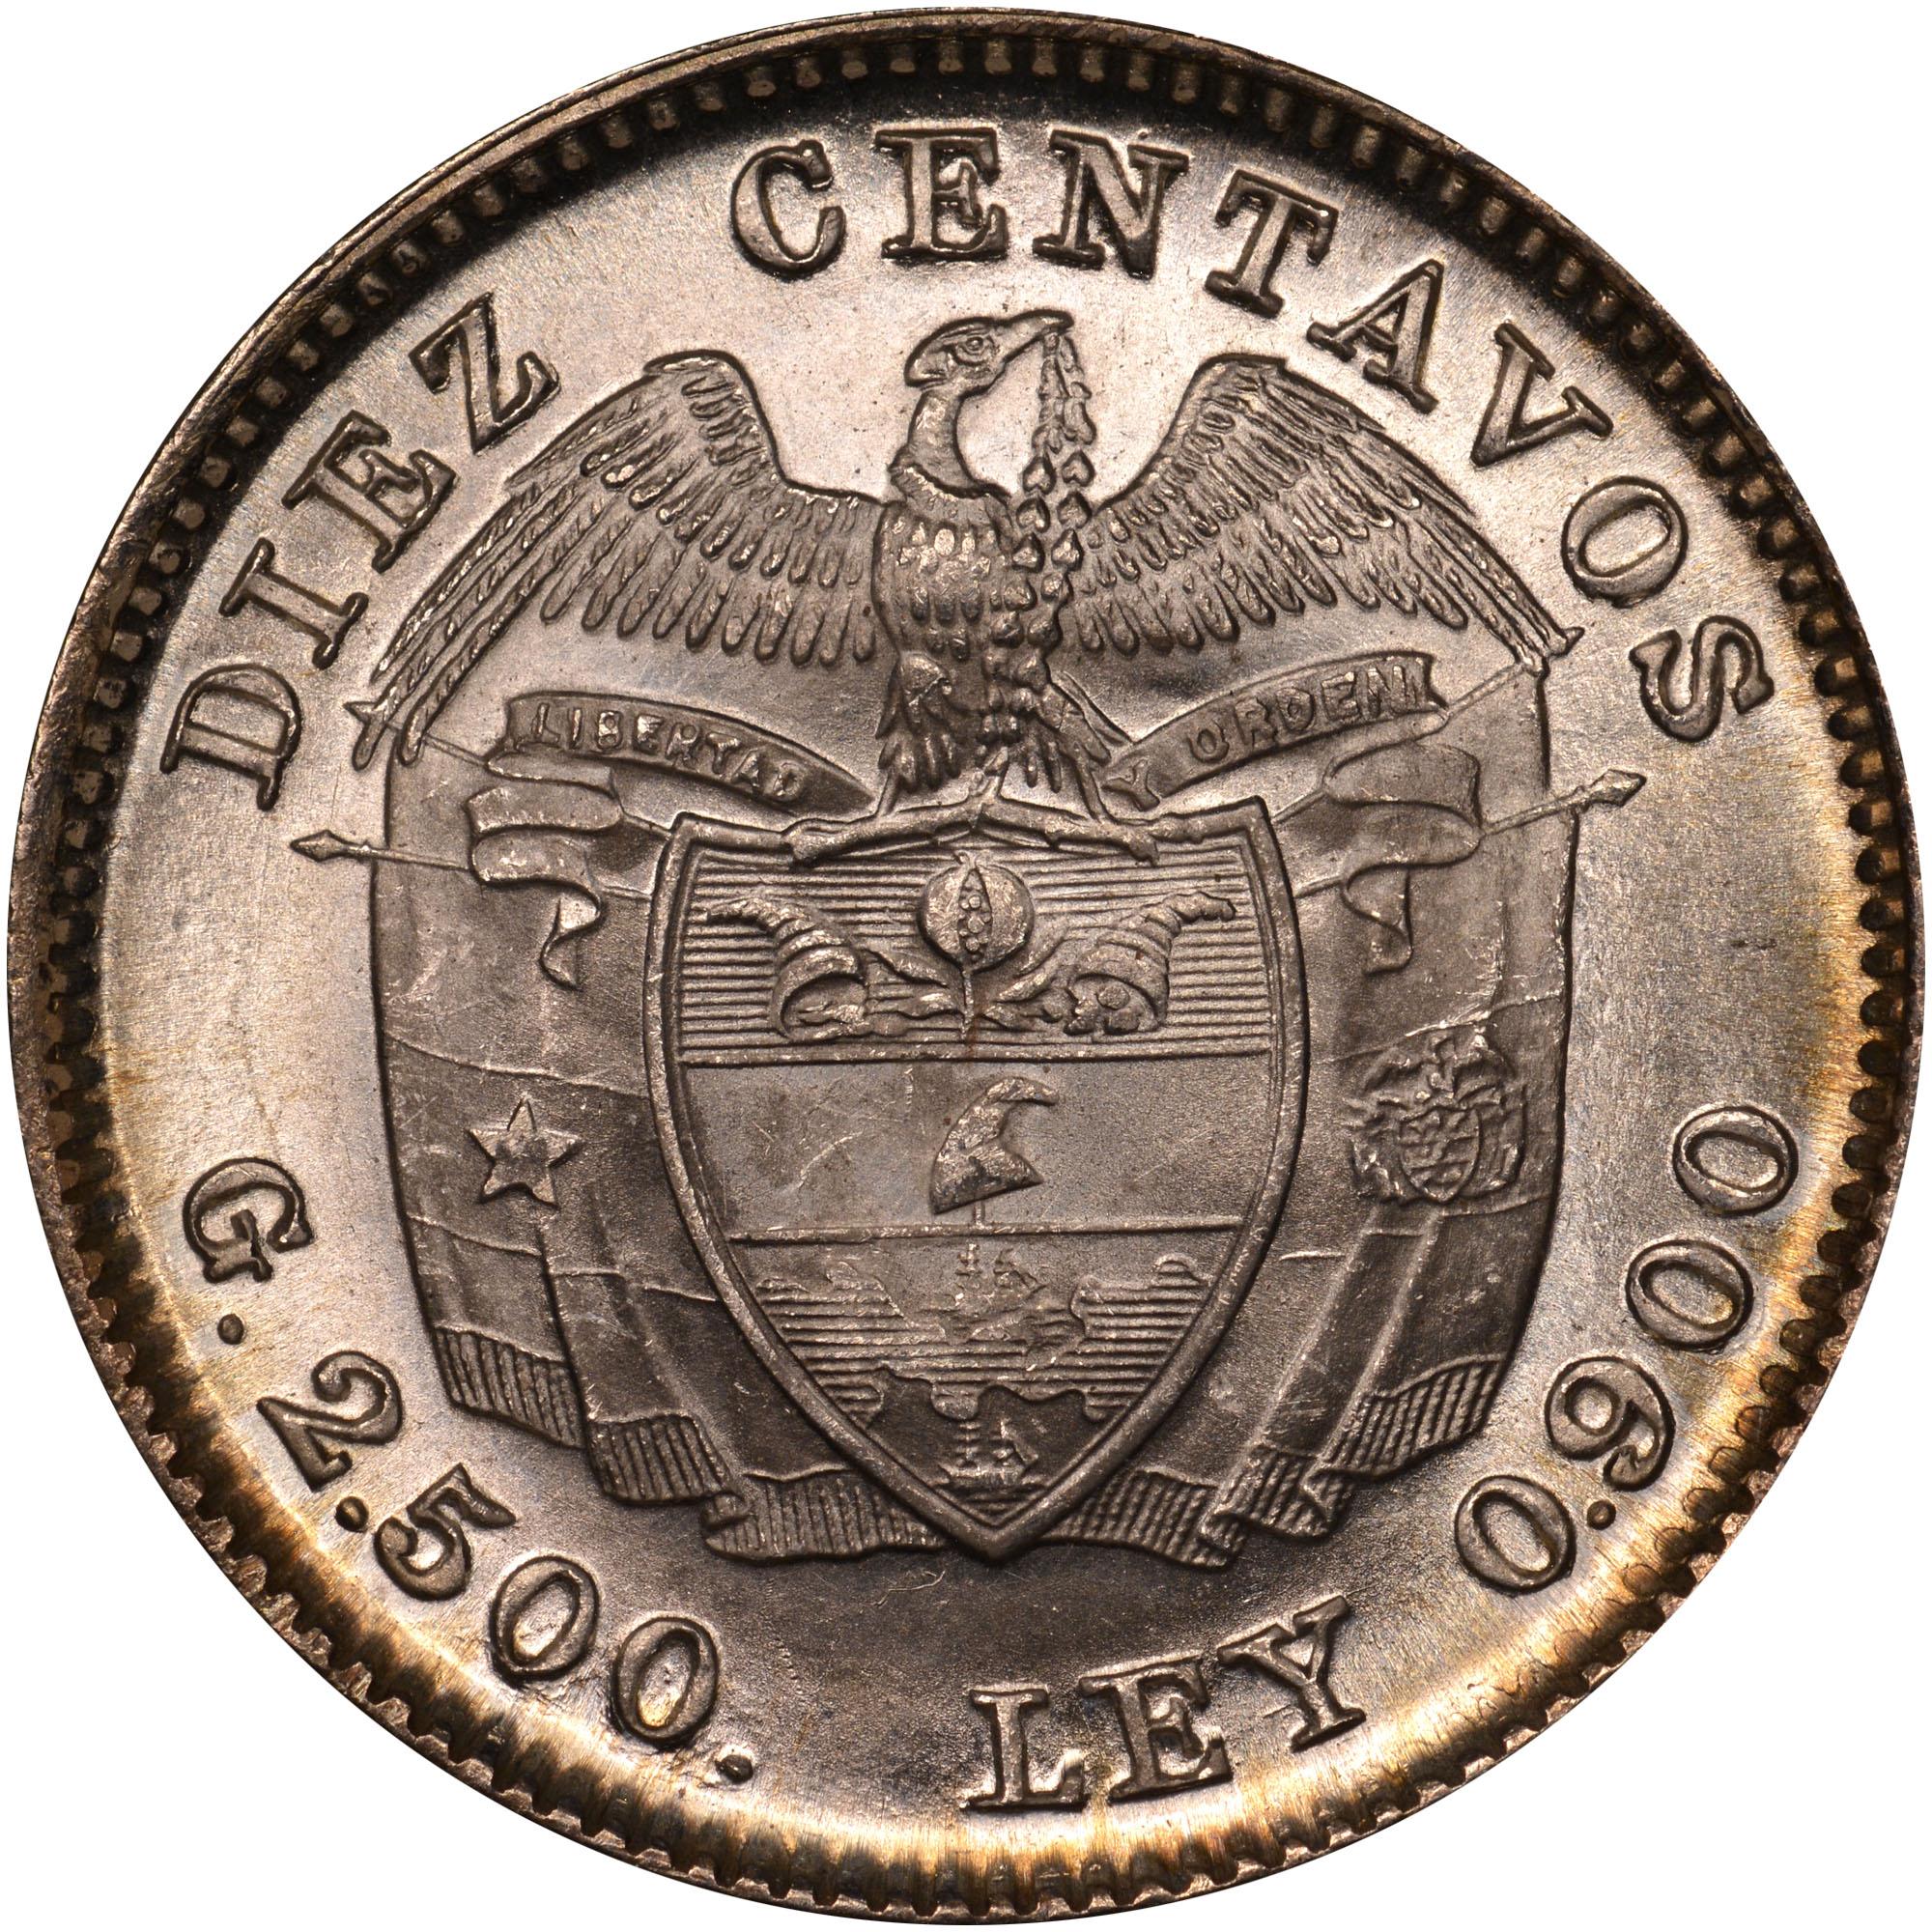 1911-1942 Colombia 10 Centavos reverse